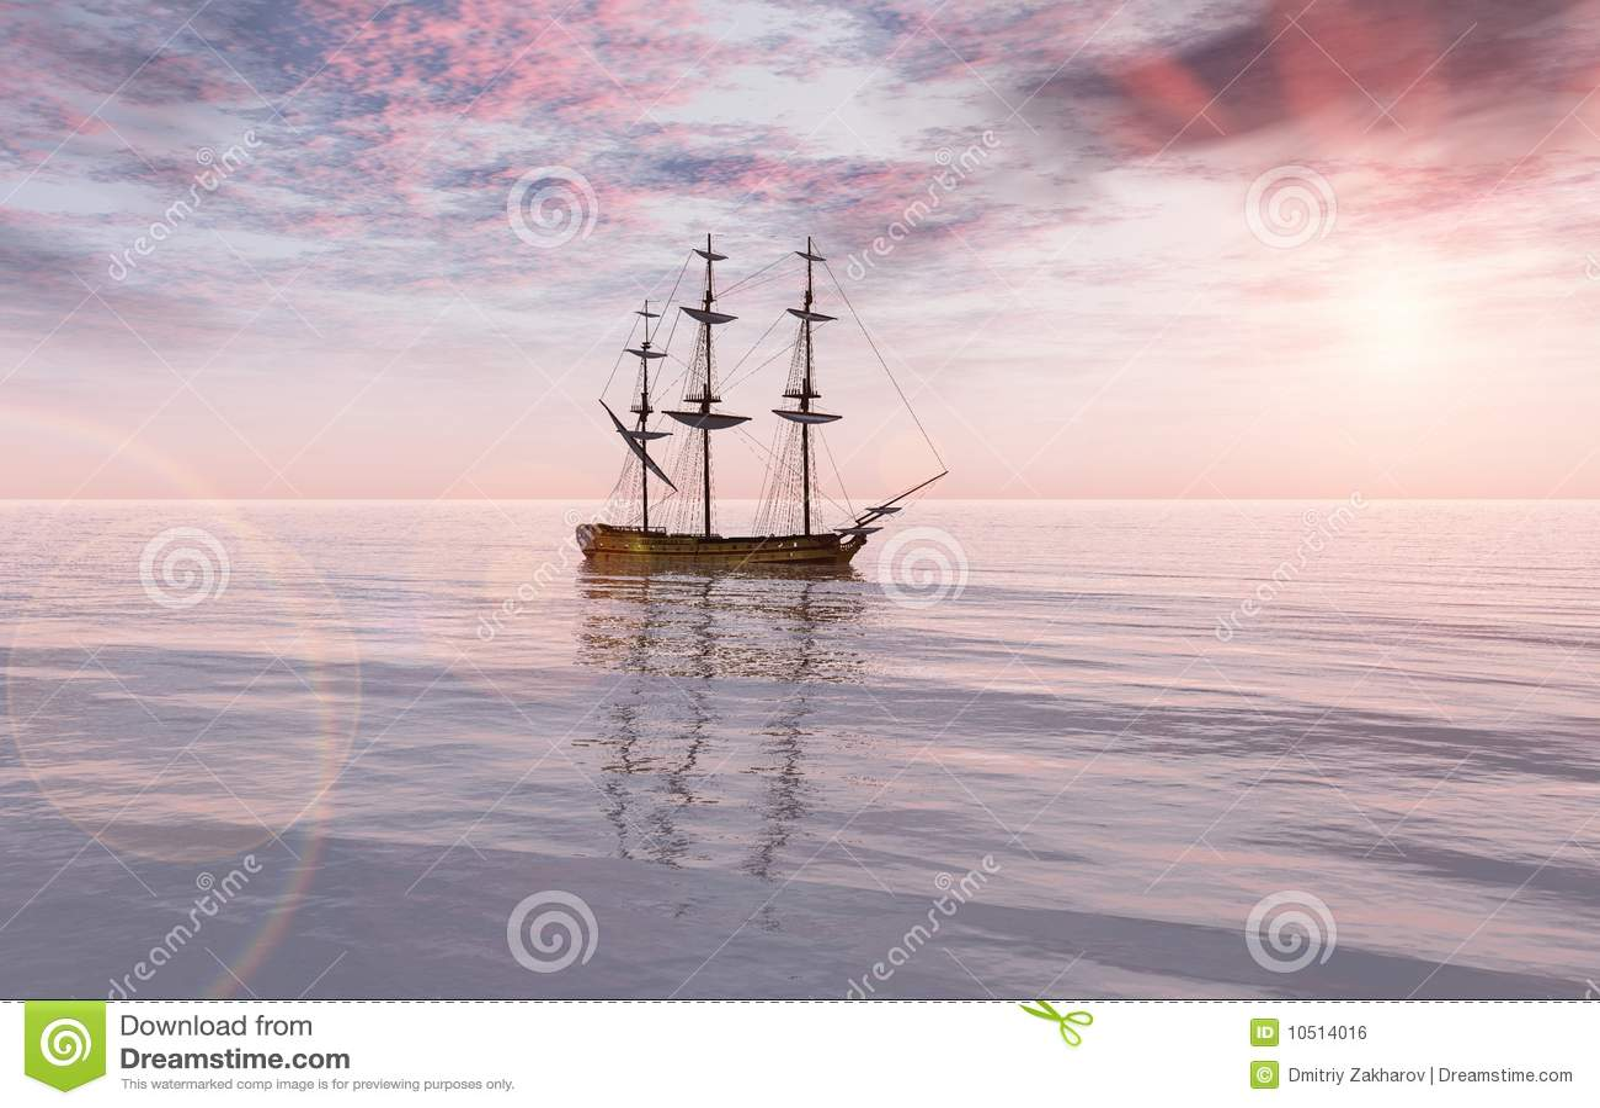 σκάφος θάλασσας